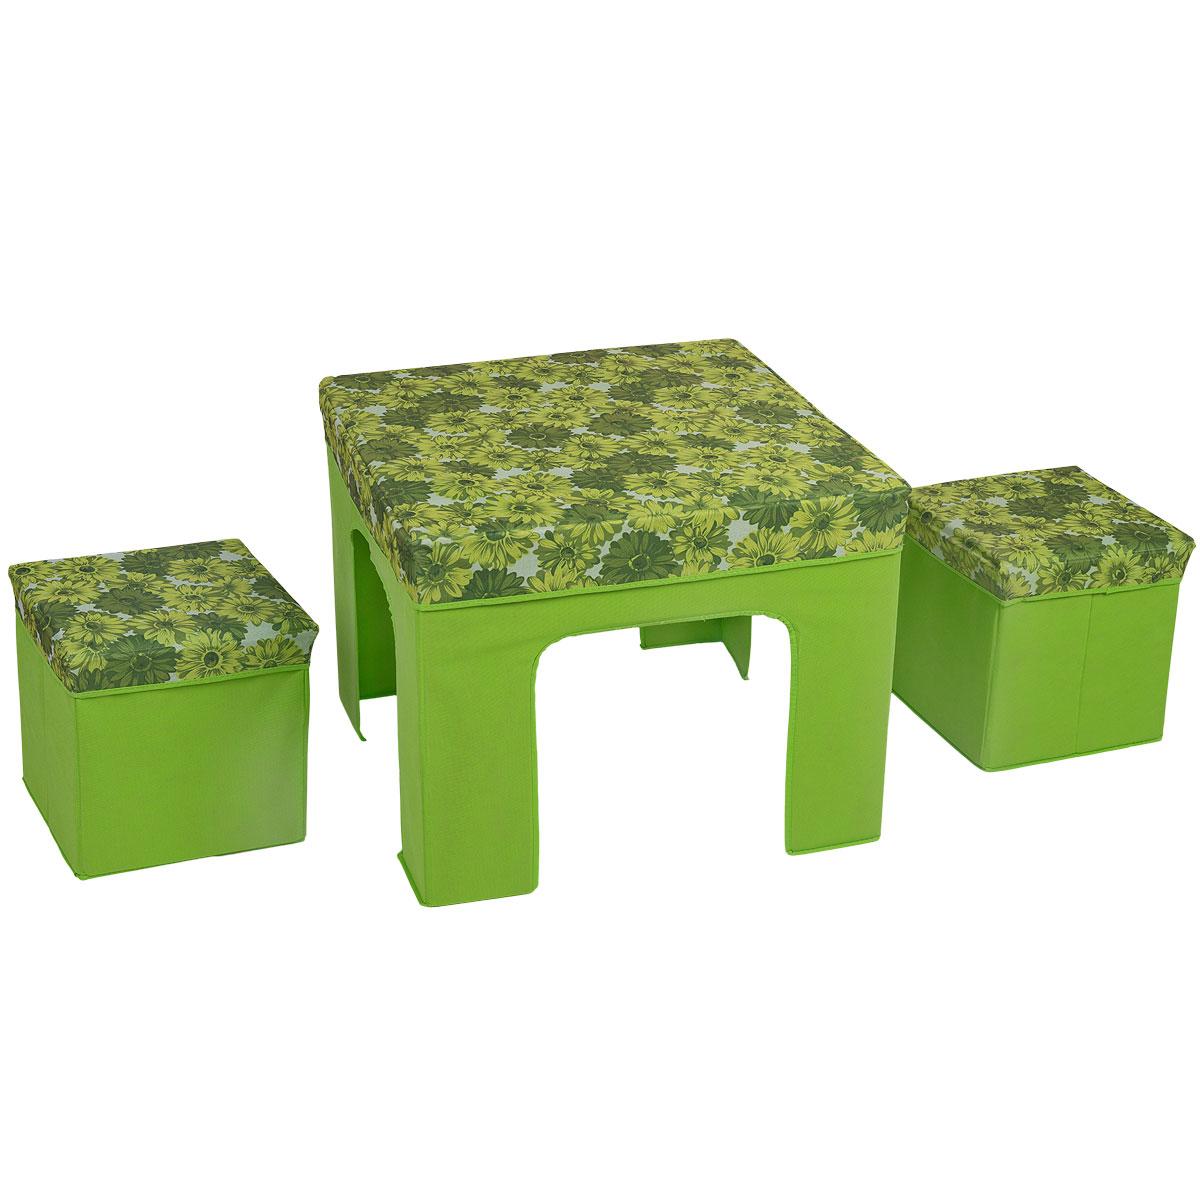 Набор складной мебели Orange, 3 предмета, цвет: зеленый82305Набор складной мебели Orange изготовлен из МДФ, оксфорда и спанбода. Набор предназначен для использования внутри помещений, на отдыхе, пикнике. Мебель компактна и удобно складывается. Набор складной мебели может послужить отличным подарком любому дачнику, охотнику и рыбаку. Любой, отдыхающий за городом человек, позавидует вам, увидев этот набор складной мебели. Максимальная нагрузка стола: 25 кг. Максимальная нагрузка пуфика: 100 кг. Размер стола: 60 см х 60 см. Размер пуфика: 30 см х 30 см.